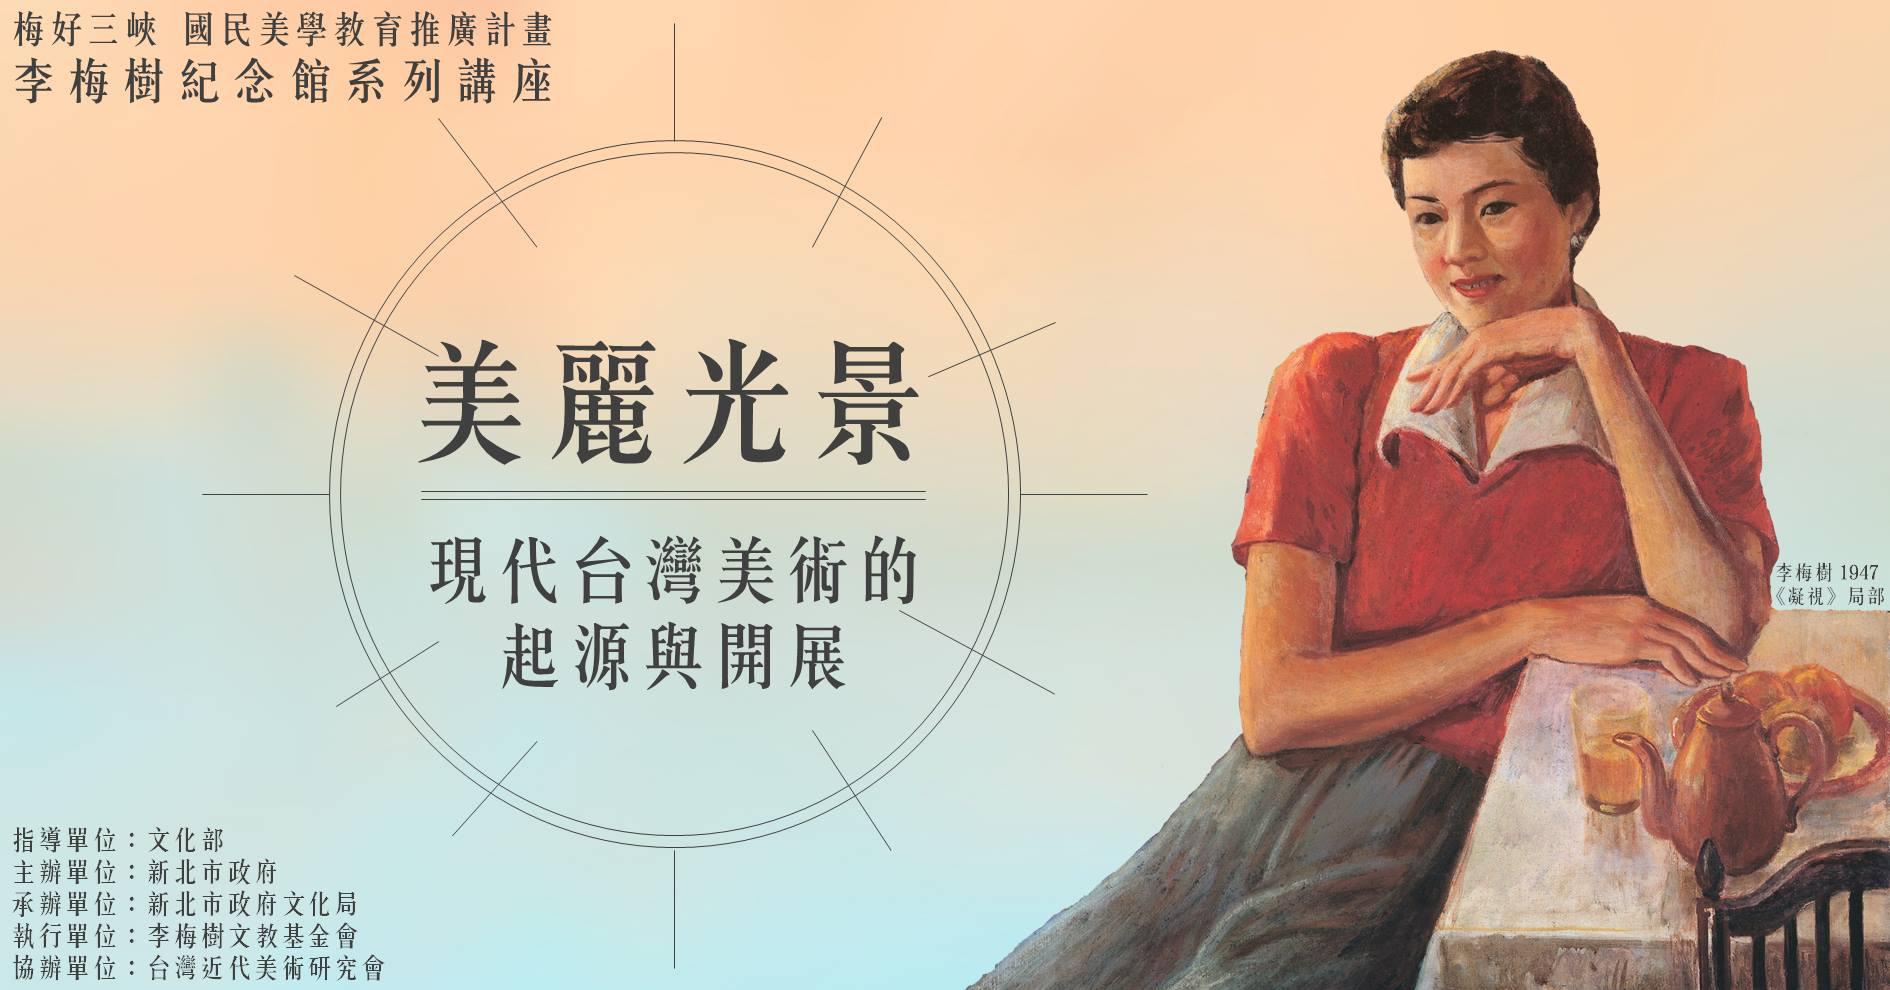 [講座]追憶故園—何德來的《五十五首歌》與李澤藩的《孔廟》